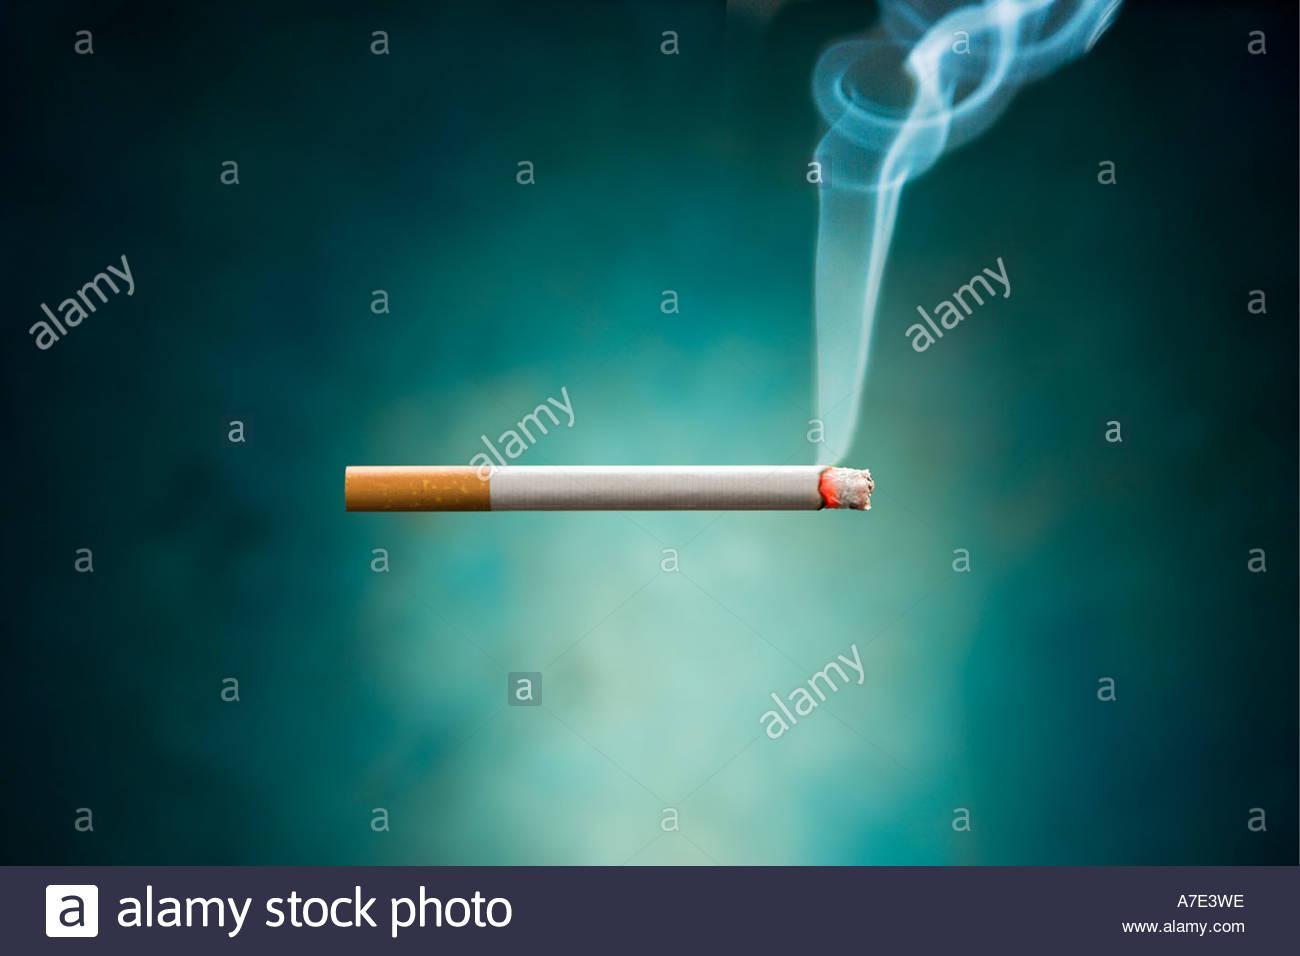 Zigarette rauchen. Stockbild